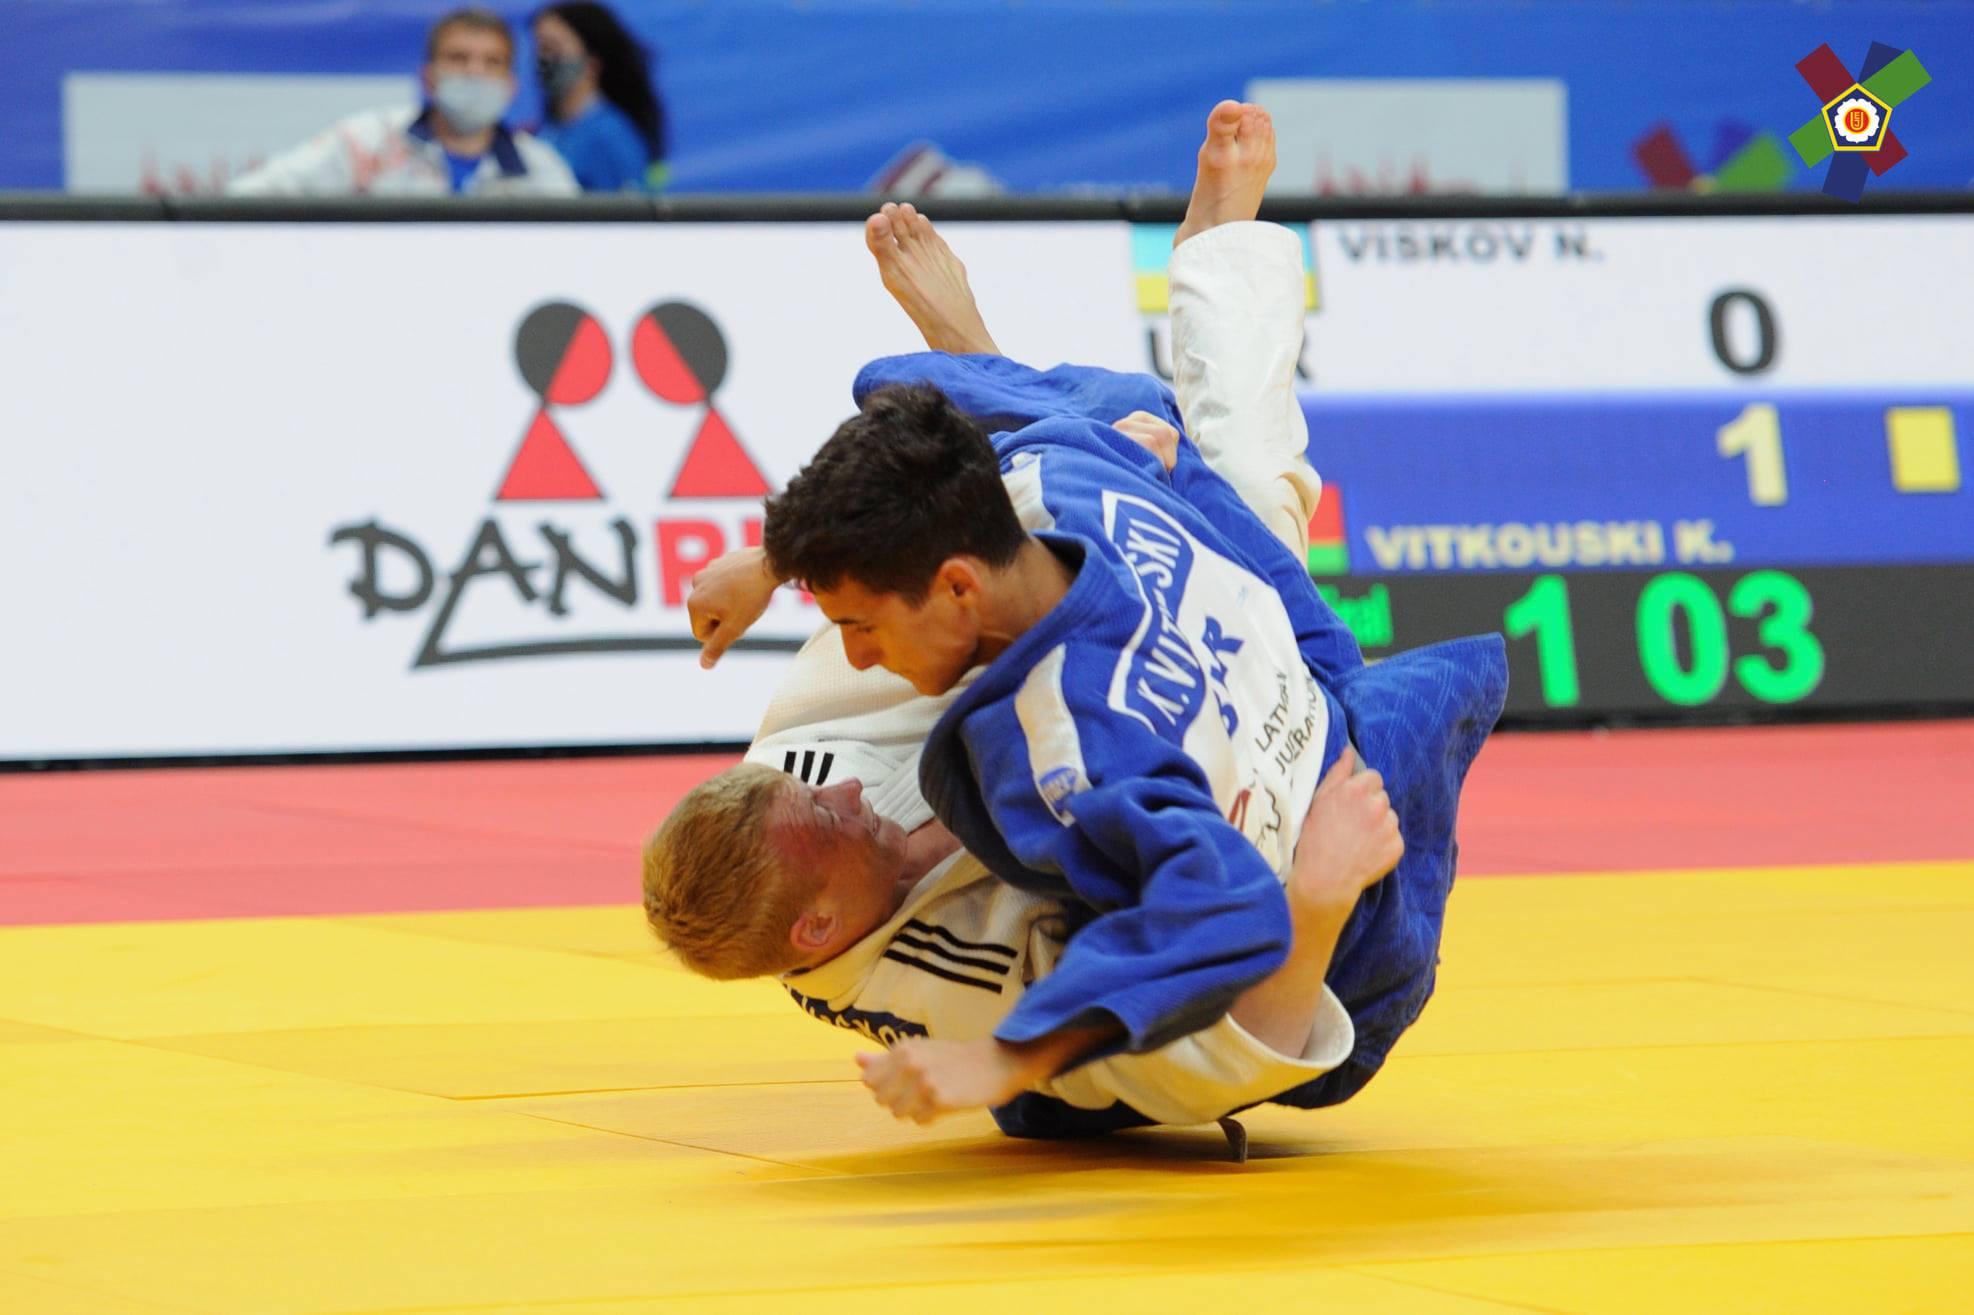 Харьковский дзюдоист стал призером чемпионата Европы (фото, видео)